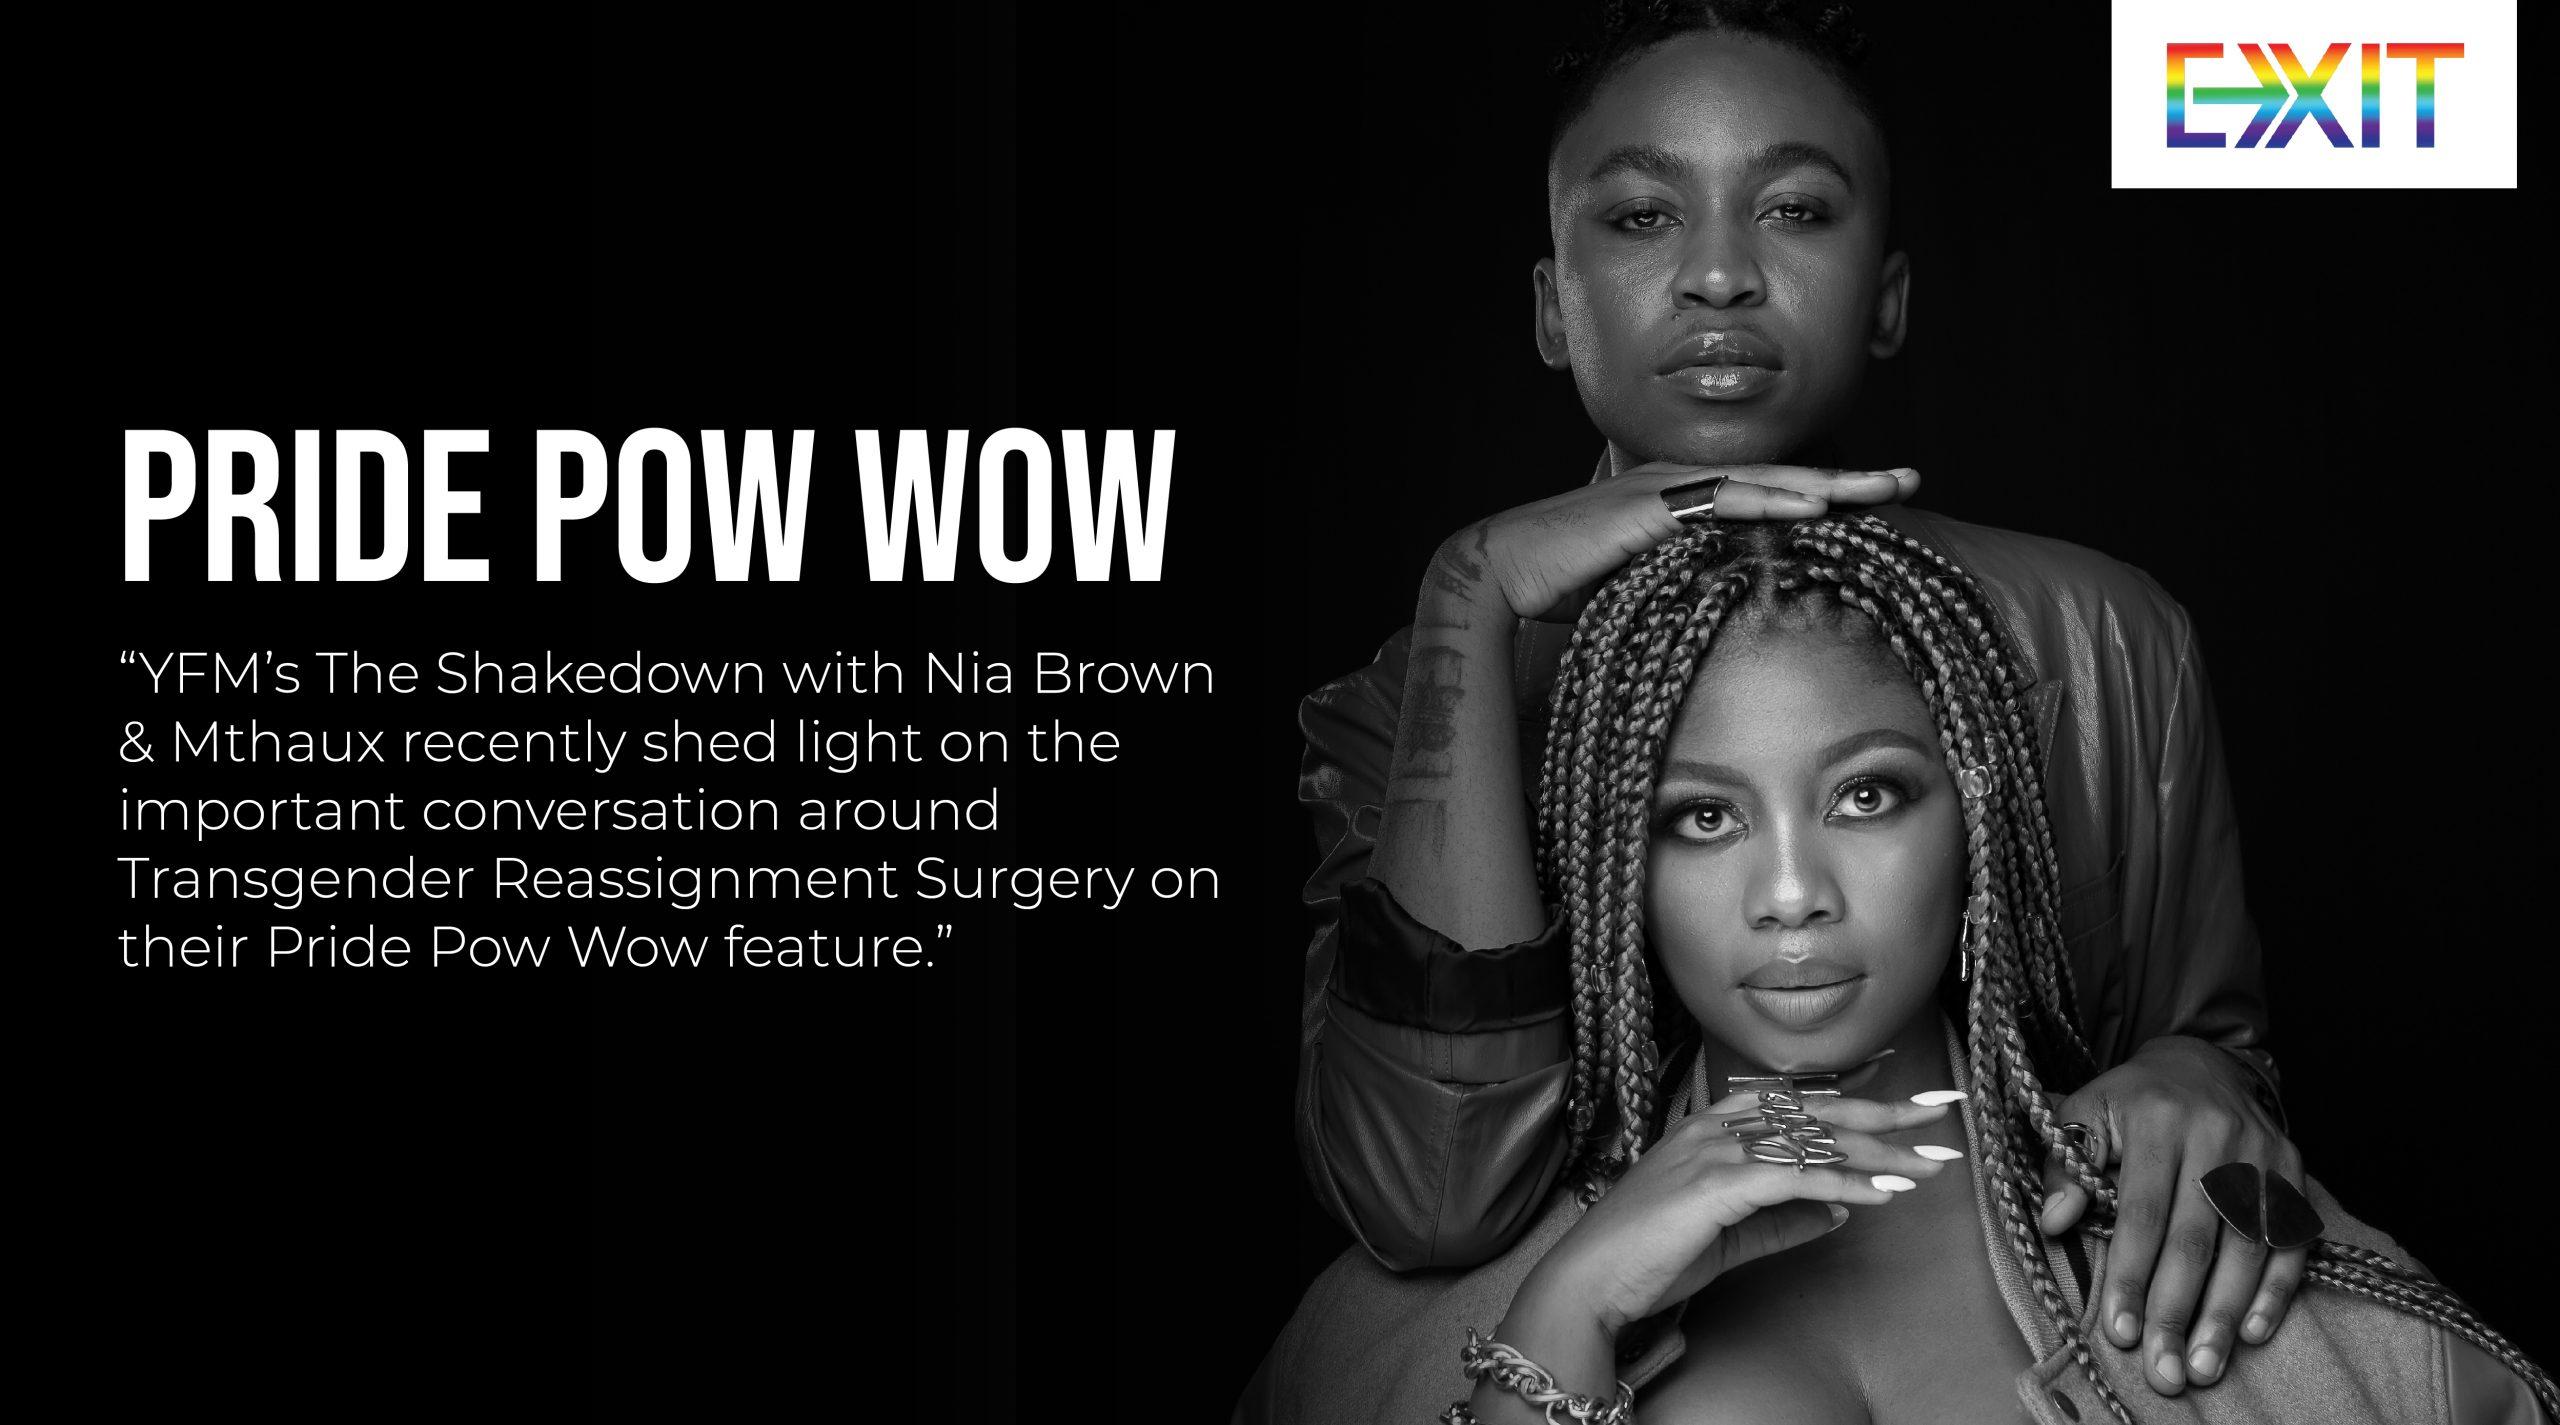 THE SHAKEDOWN WITH NIA BROWN & MTHAUX – PRIDE POW WOW